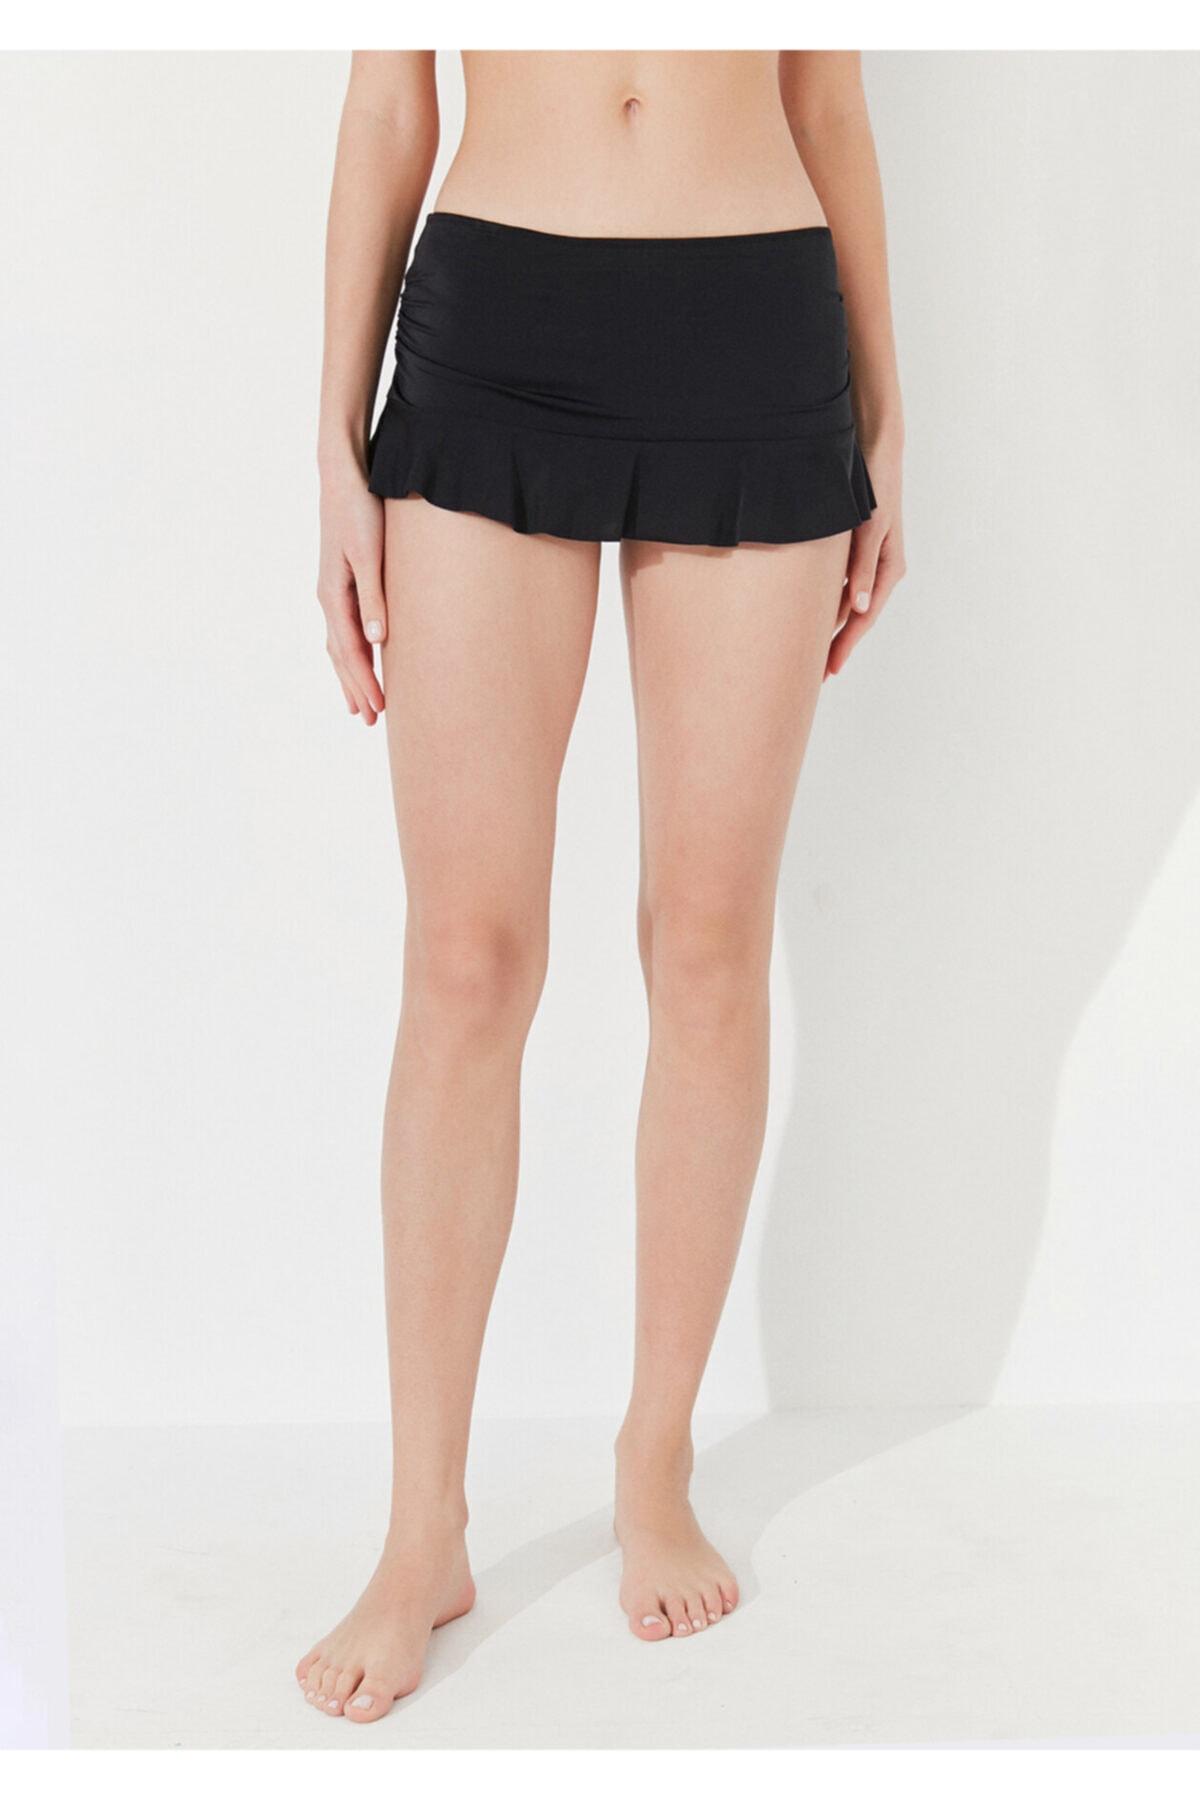 Penti Kadın Siyah Basic Etekli Bikini Altı 1